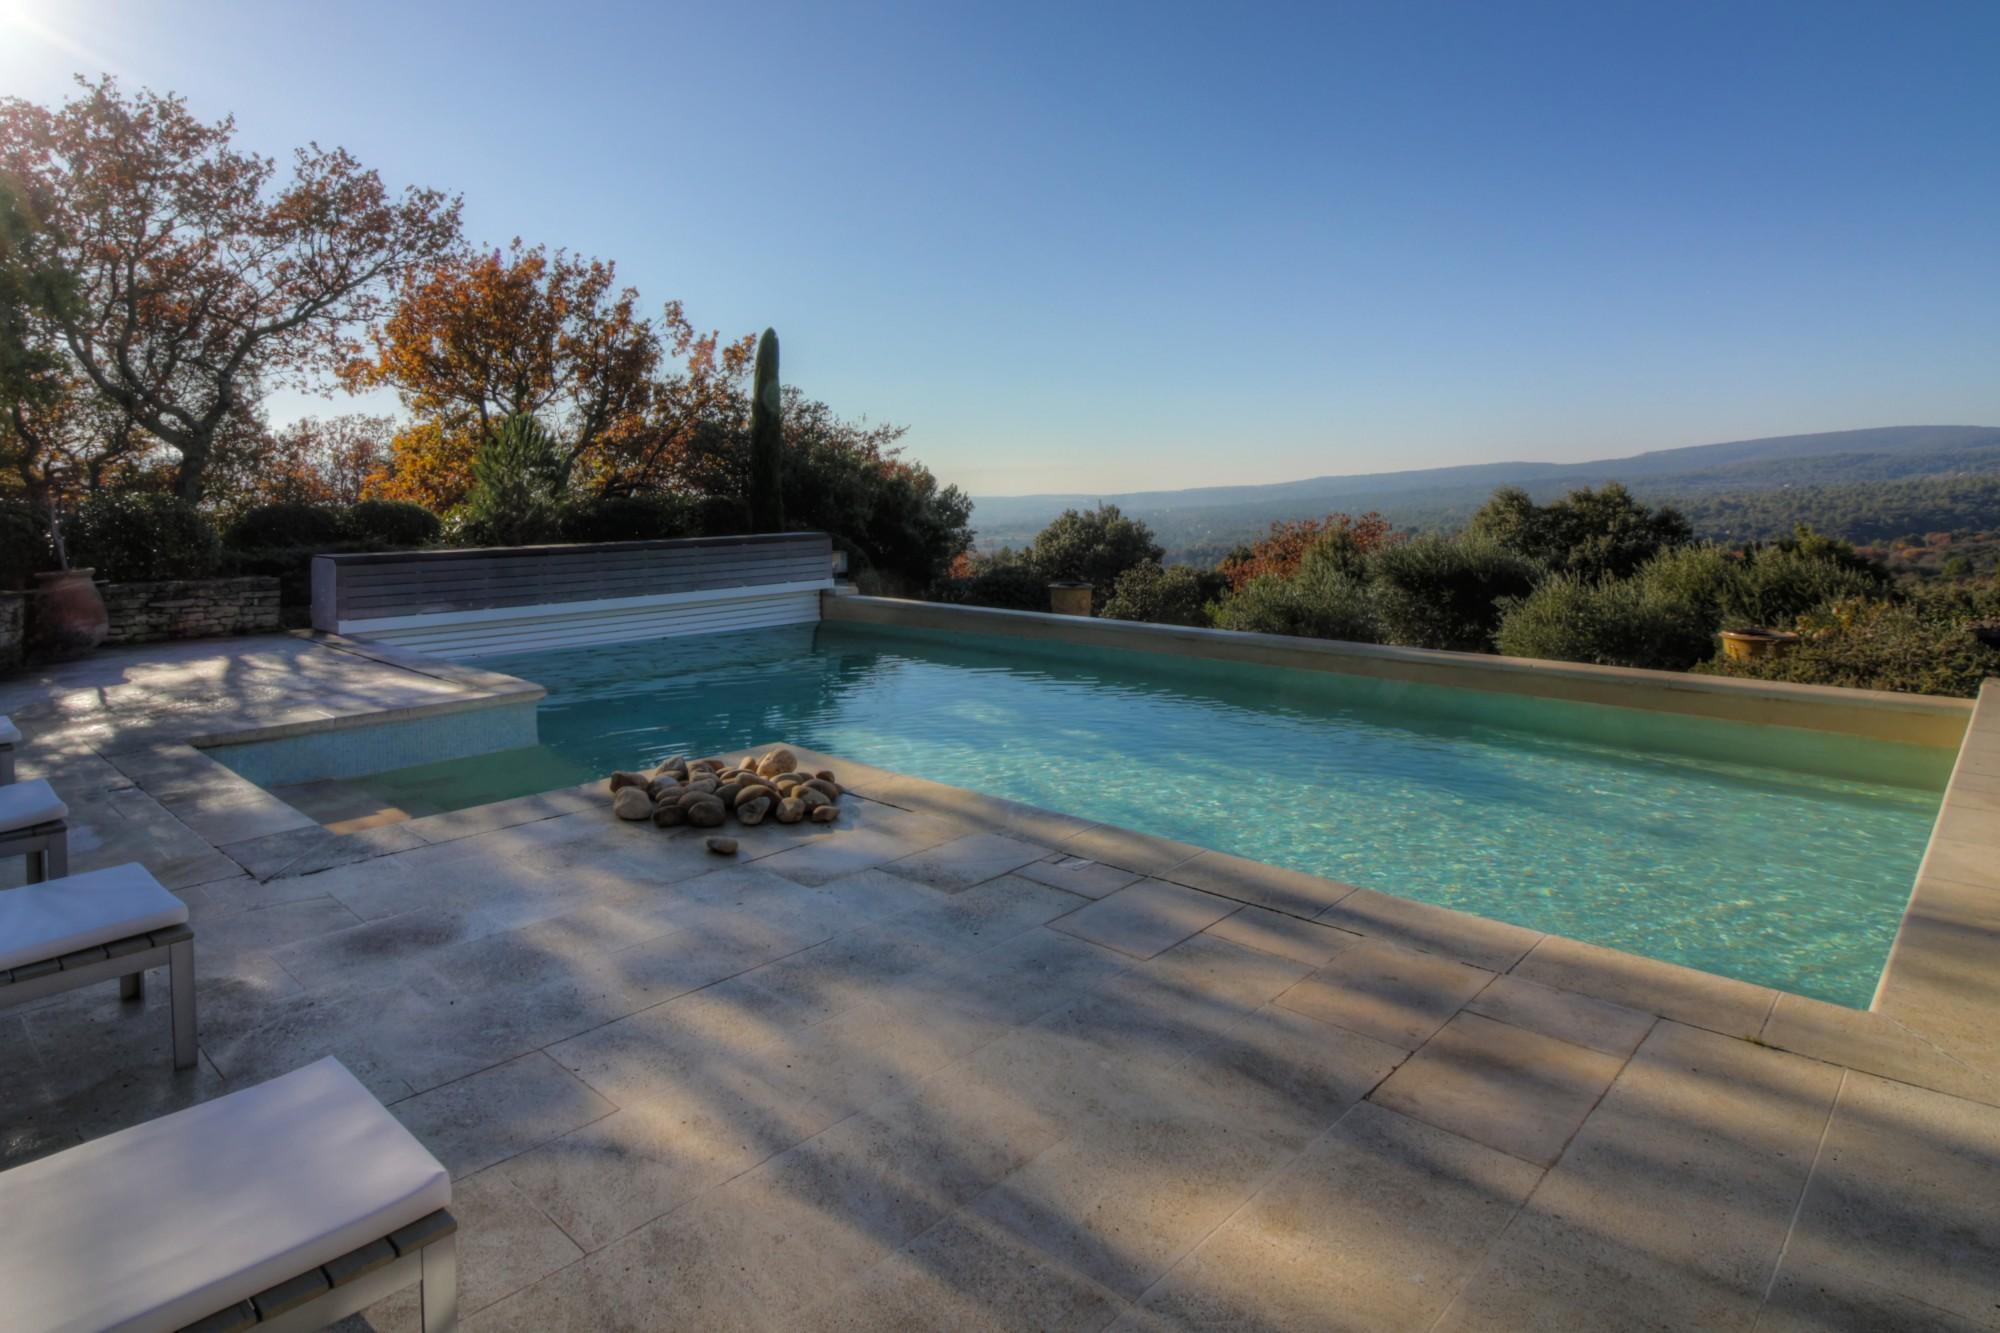 Gordes - A quelques minutes à pied du centre du village, superbe propriété en pierres avec piscine chauffée et dépendance